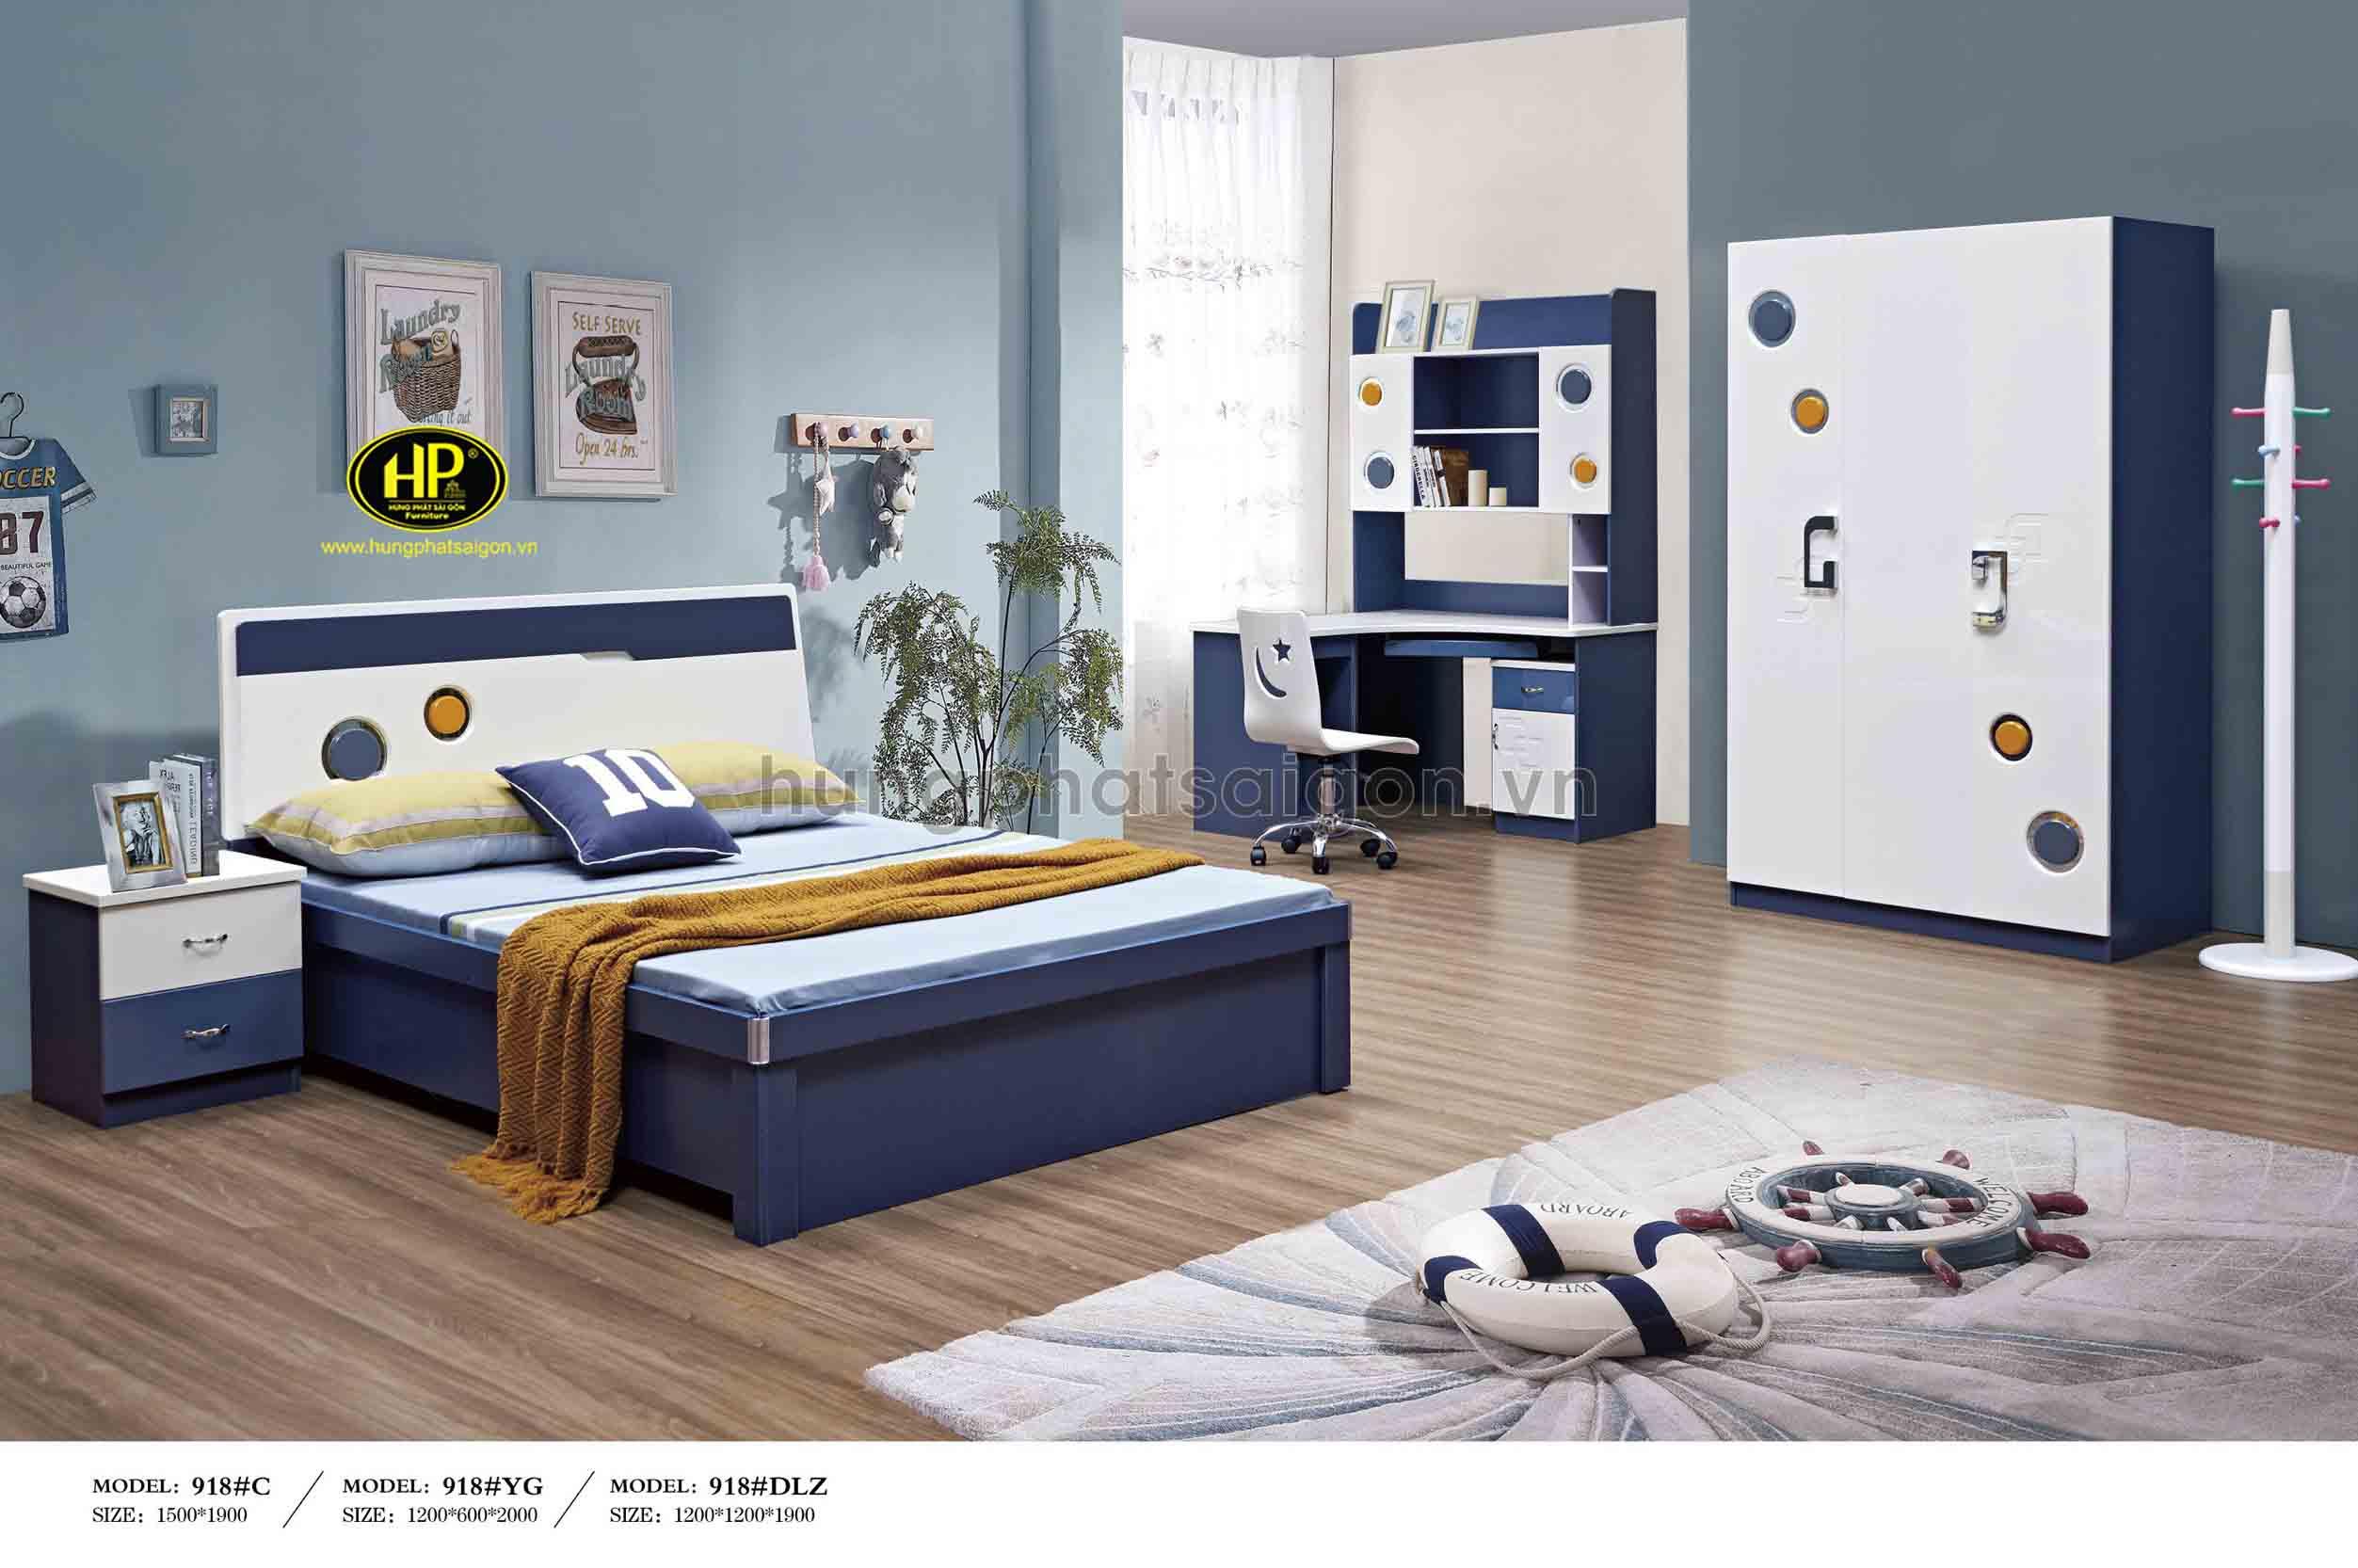 Bộ giường tủ gỗ hiện đại giá rẻ TP-918